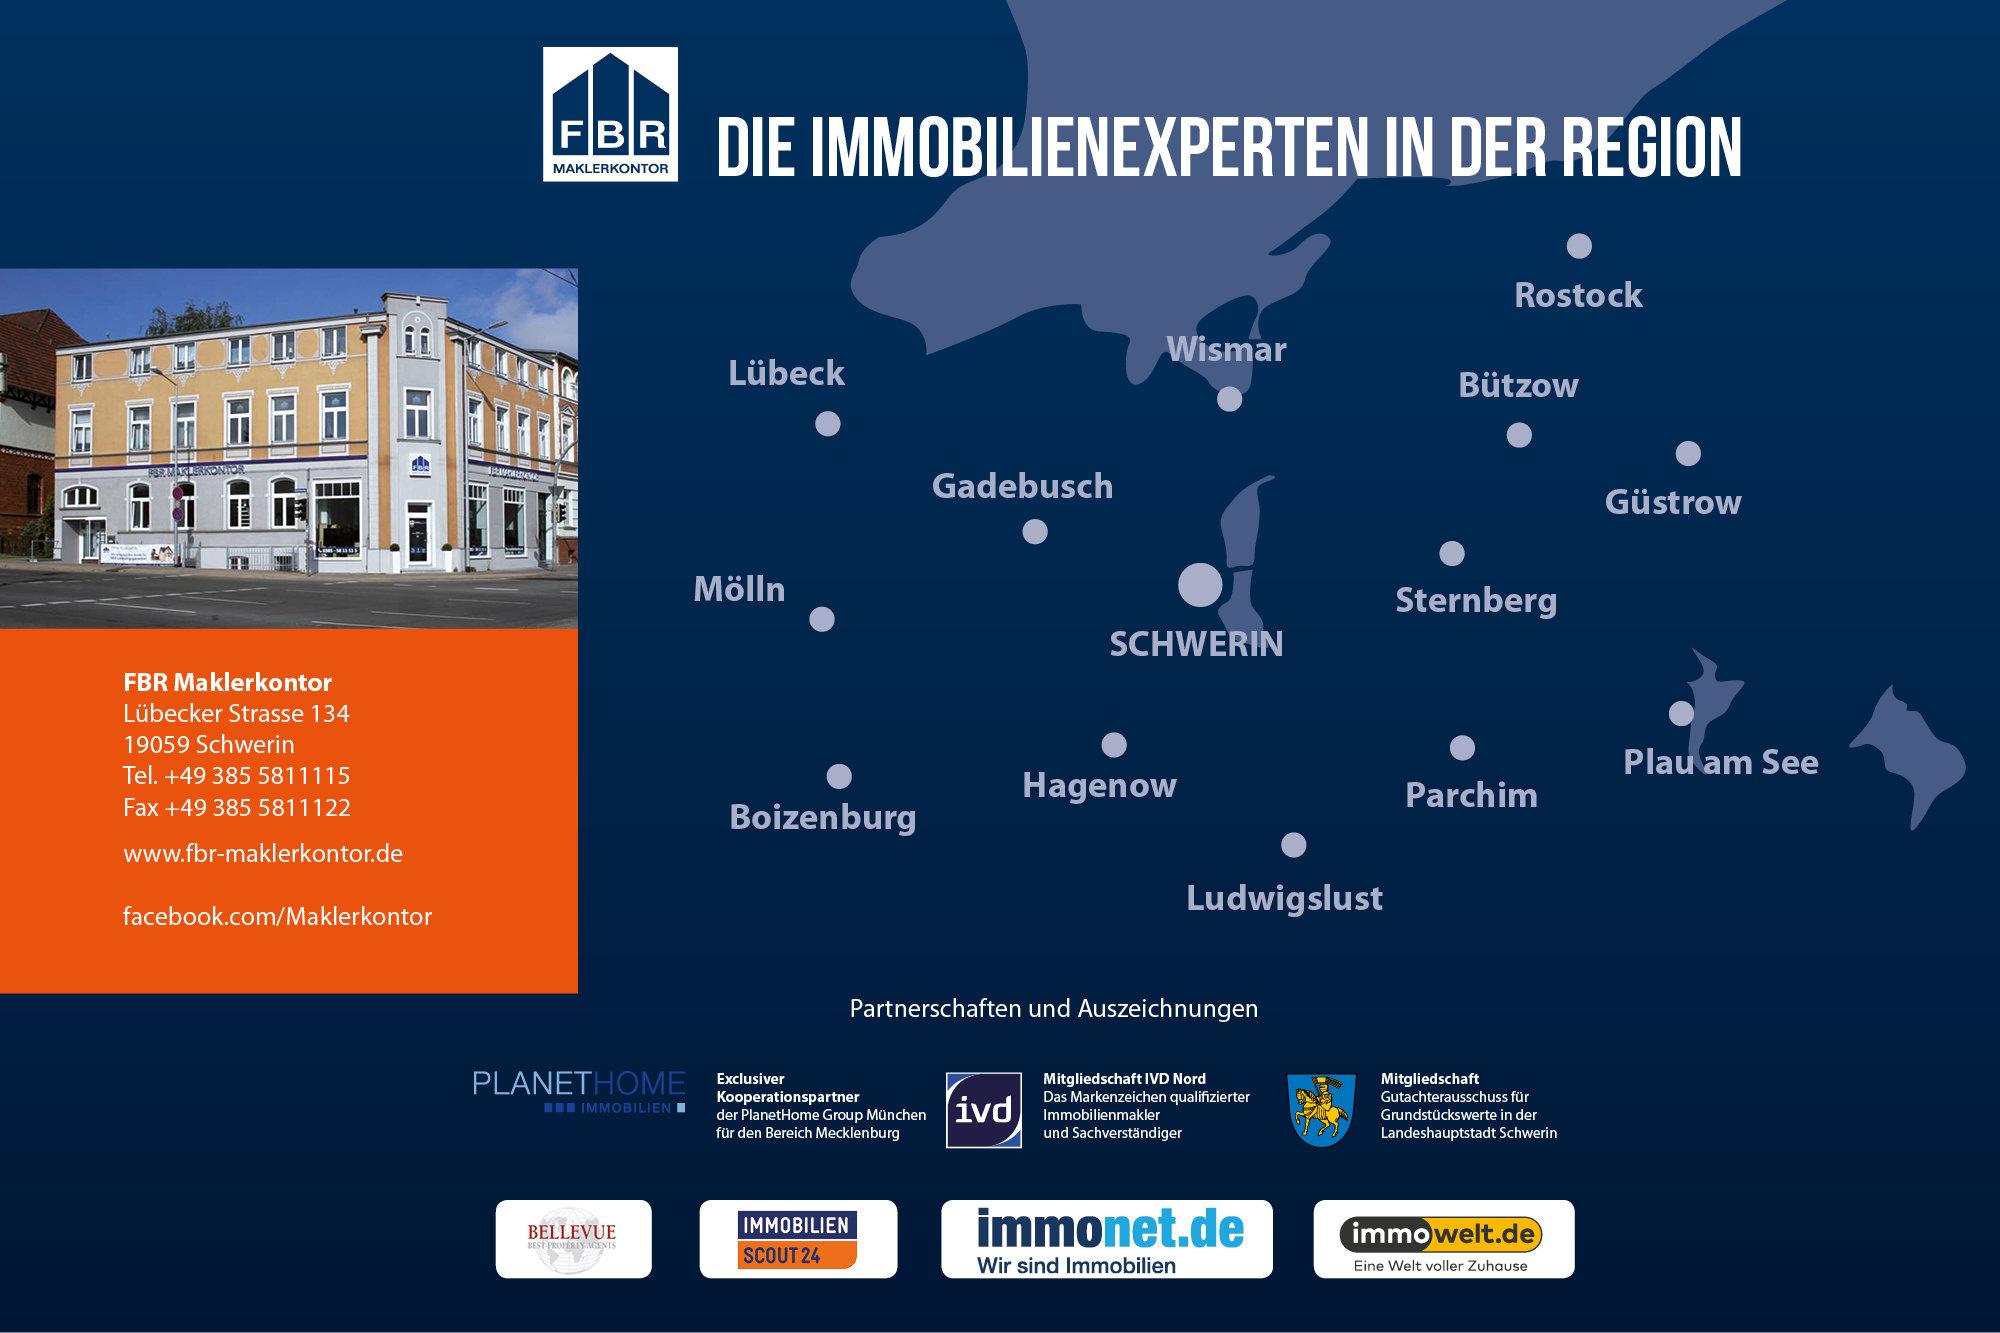 FBR- Unsere Region